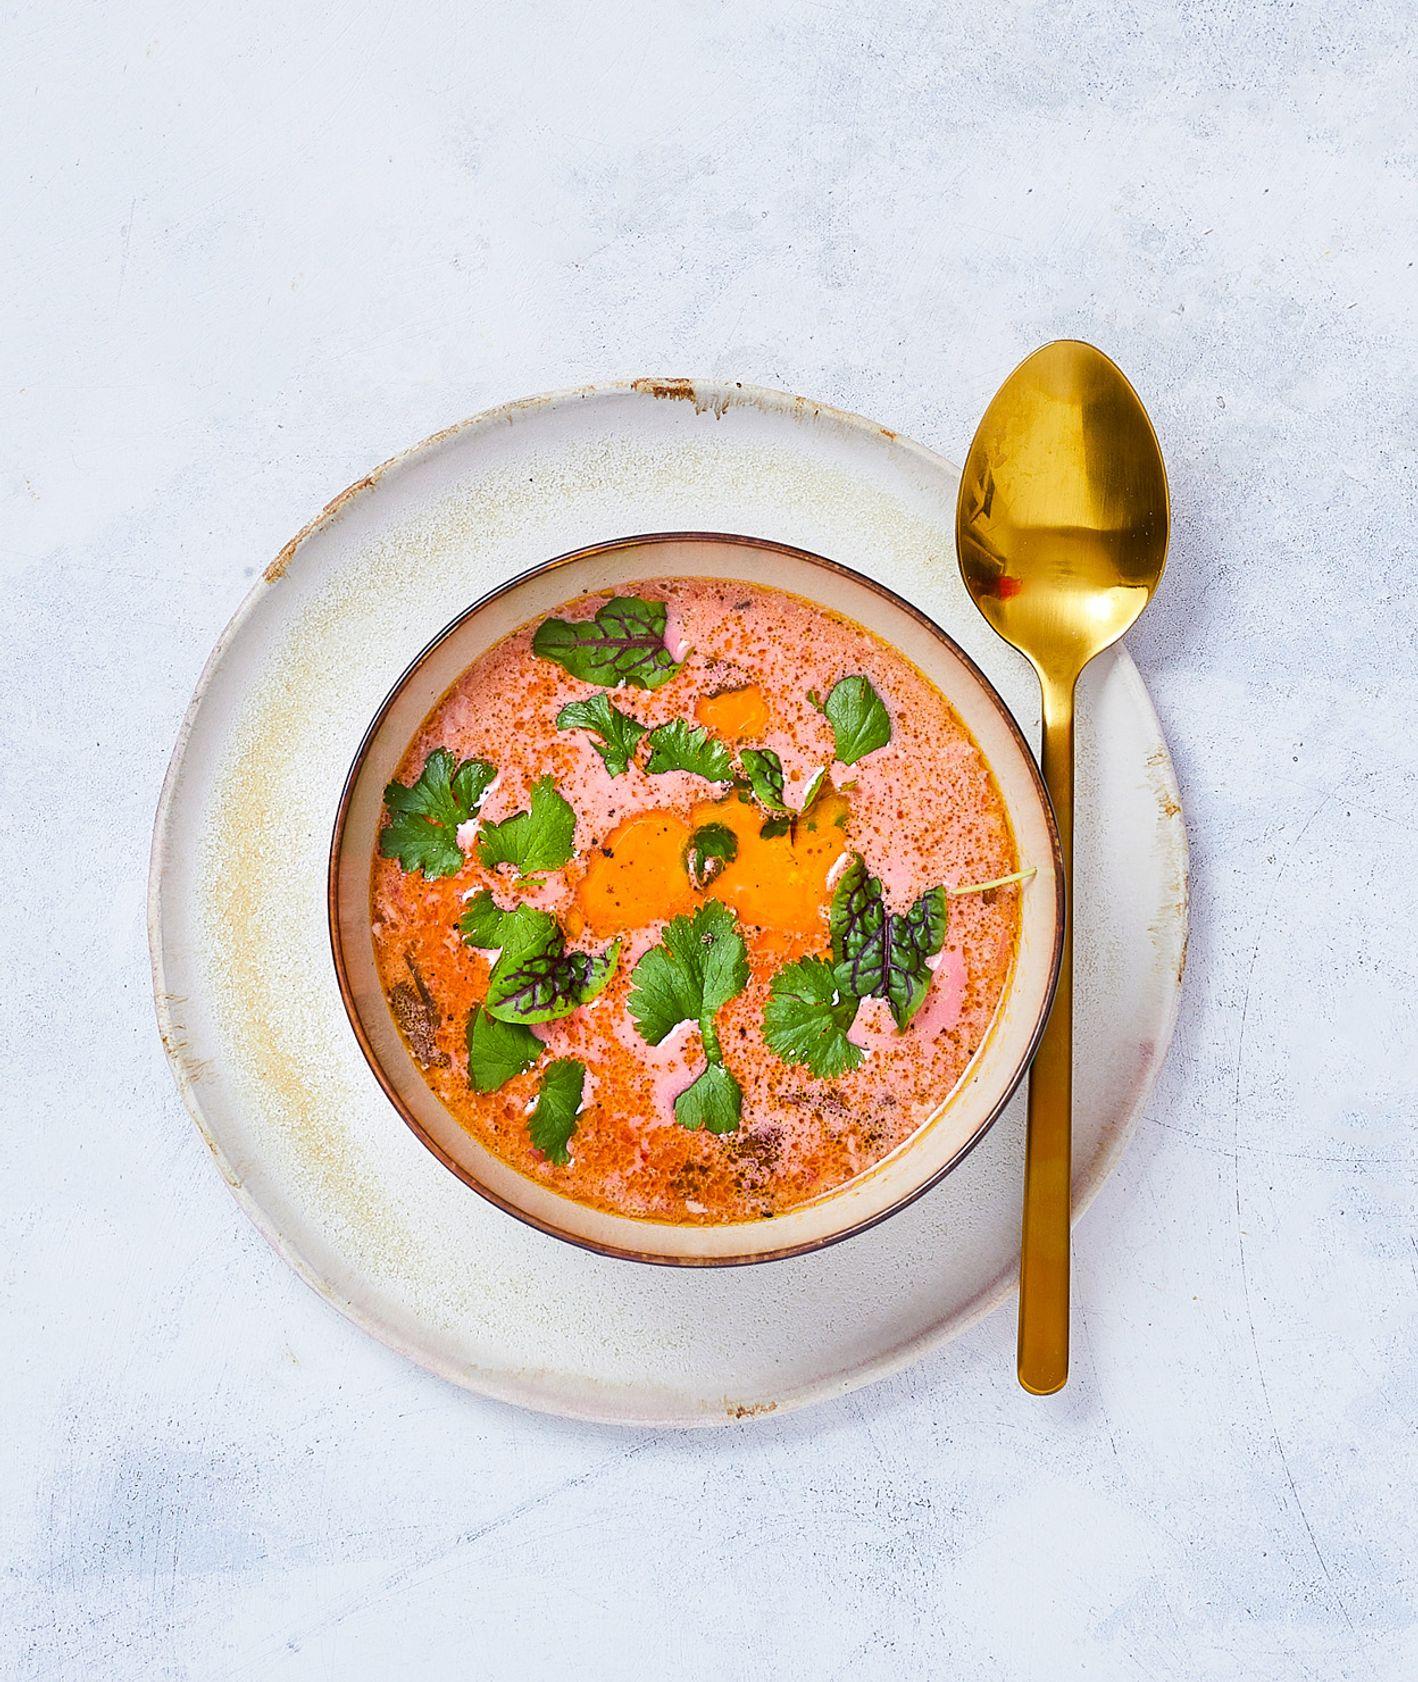 Orientalna, wiosenna zupa z botwiny i mleczka kokosowego (fot. Maciek Niemojewski)